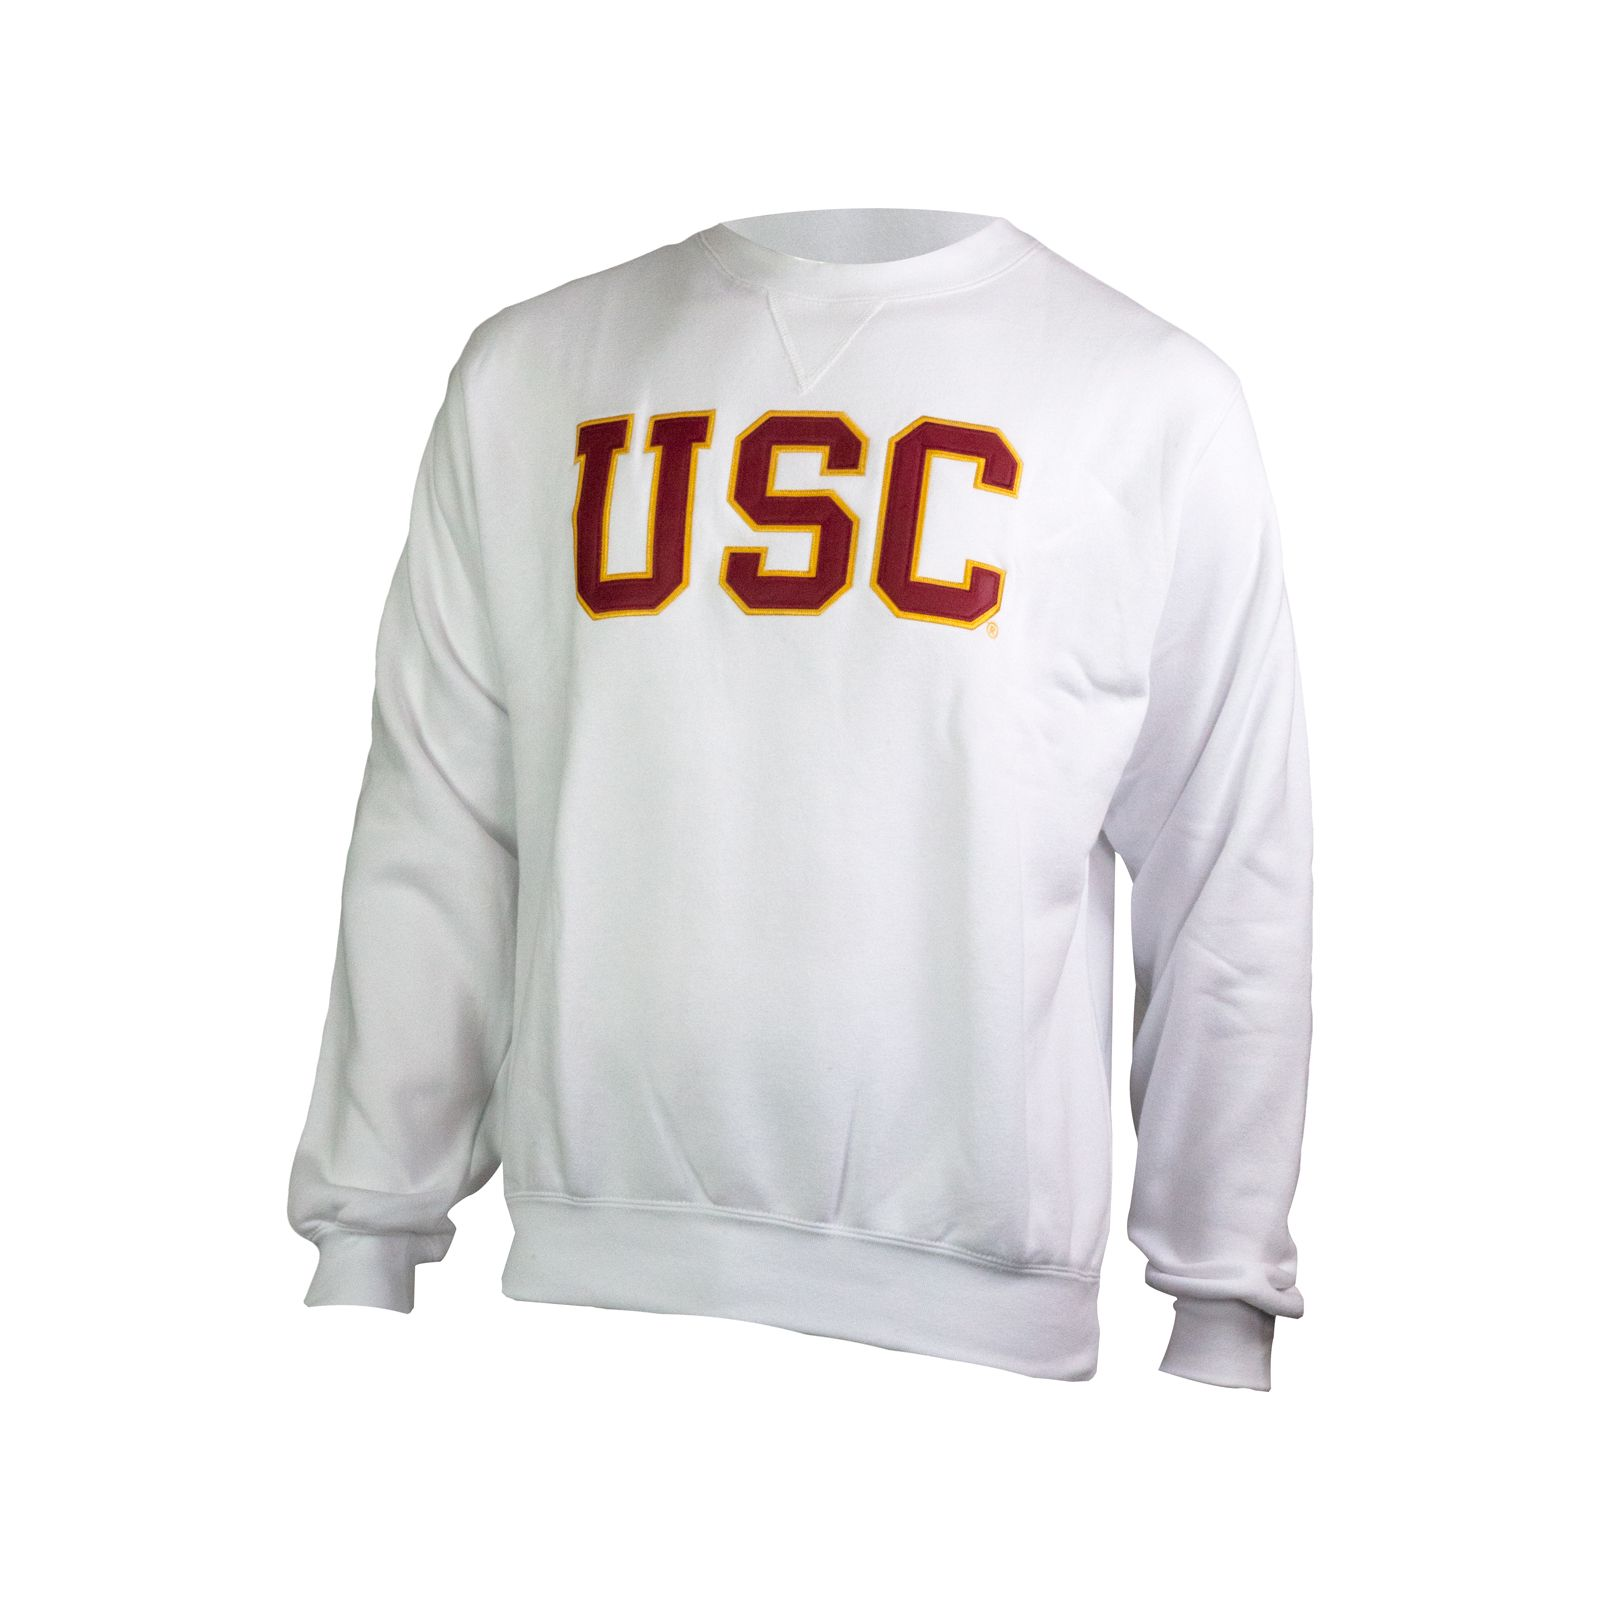 Usc Classic Fleece Crewneck Sweatshirt Sweatshirts Usc Sweatshirt Usc